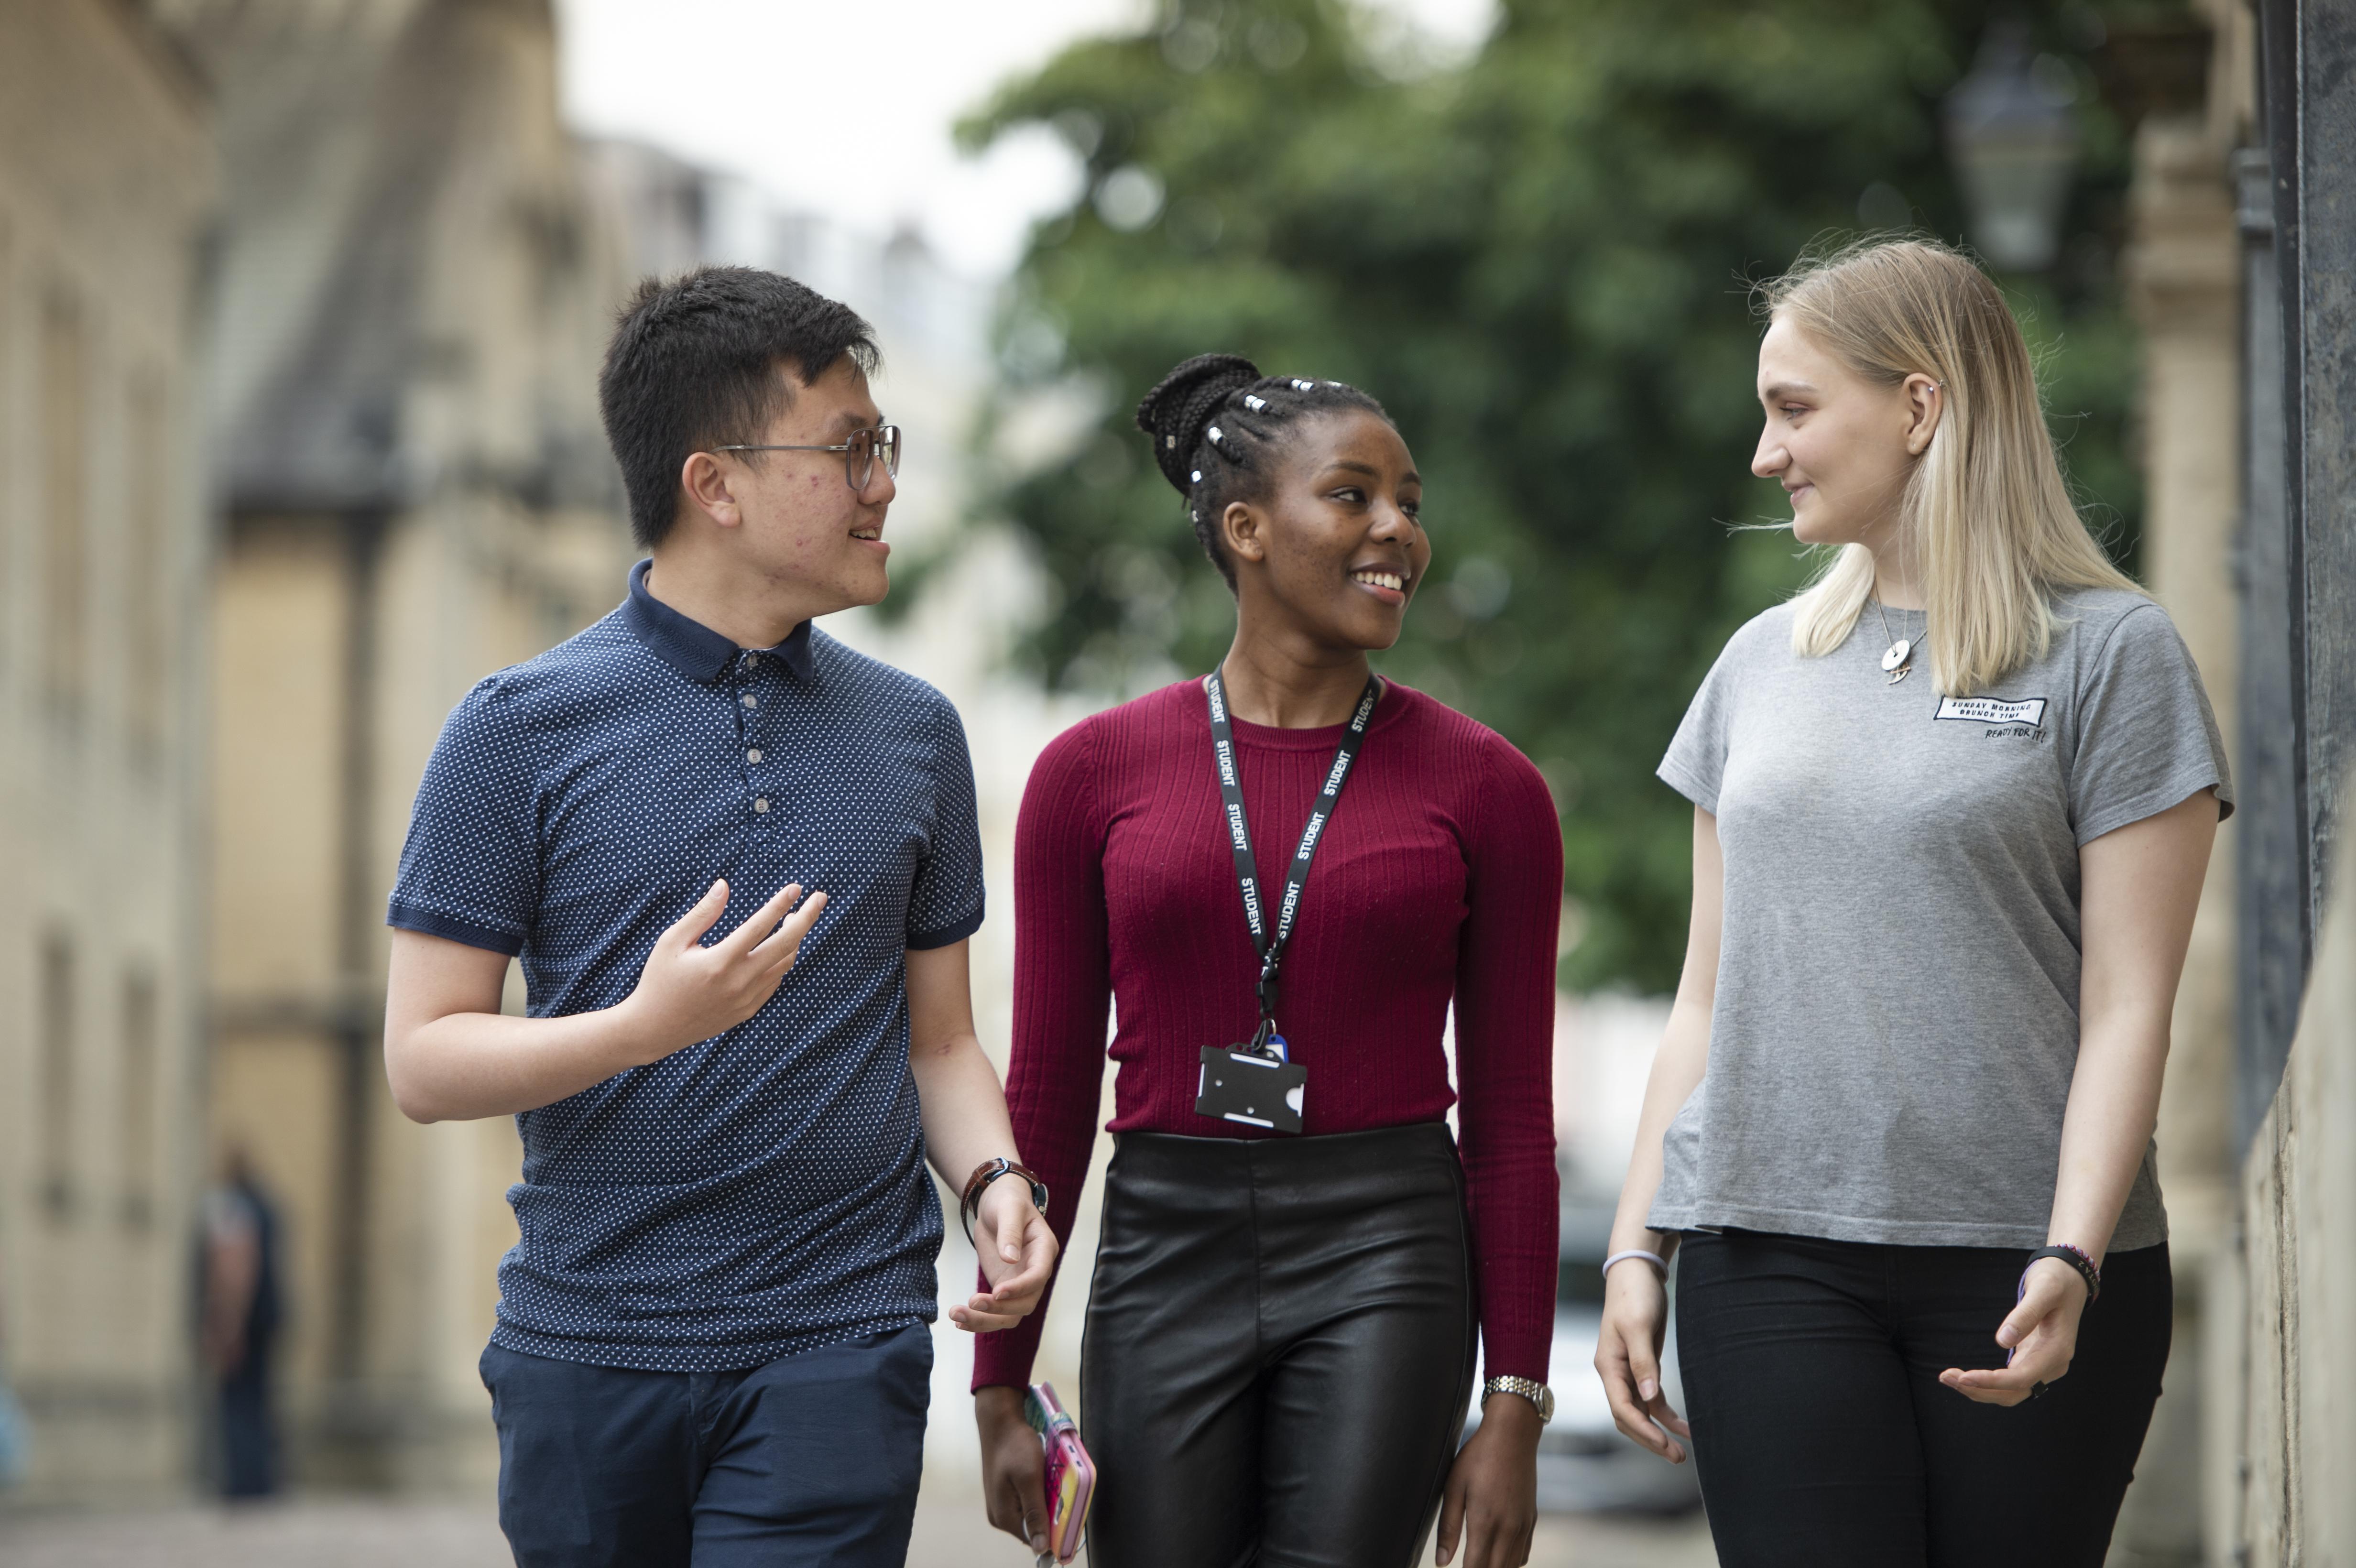 Gap Year Program - Campus Oxford: Gap Year Programs in United Kingdom  3